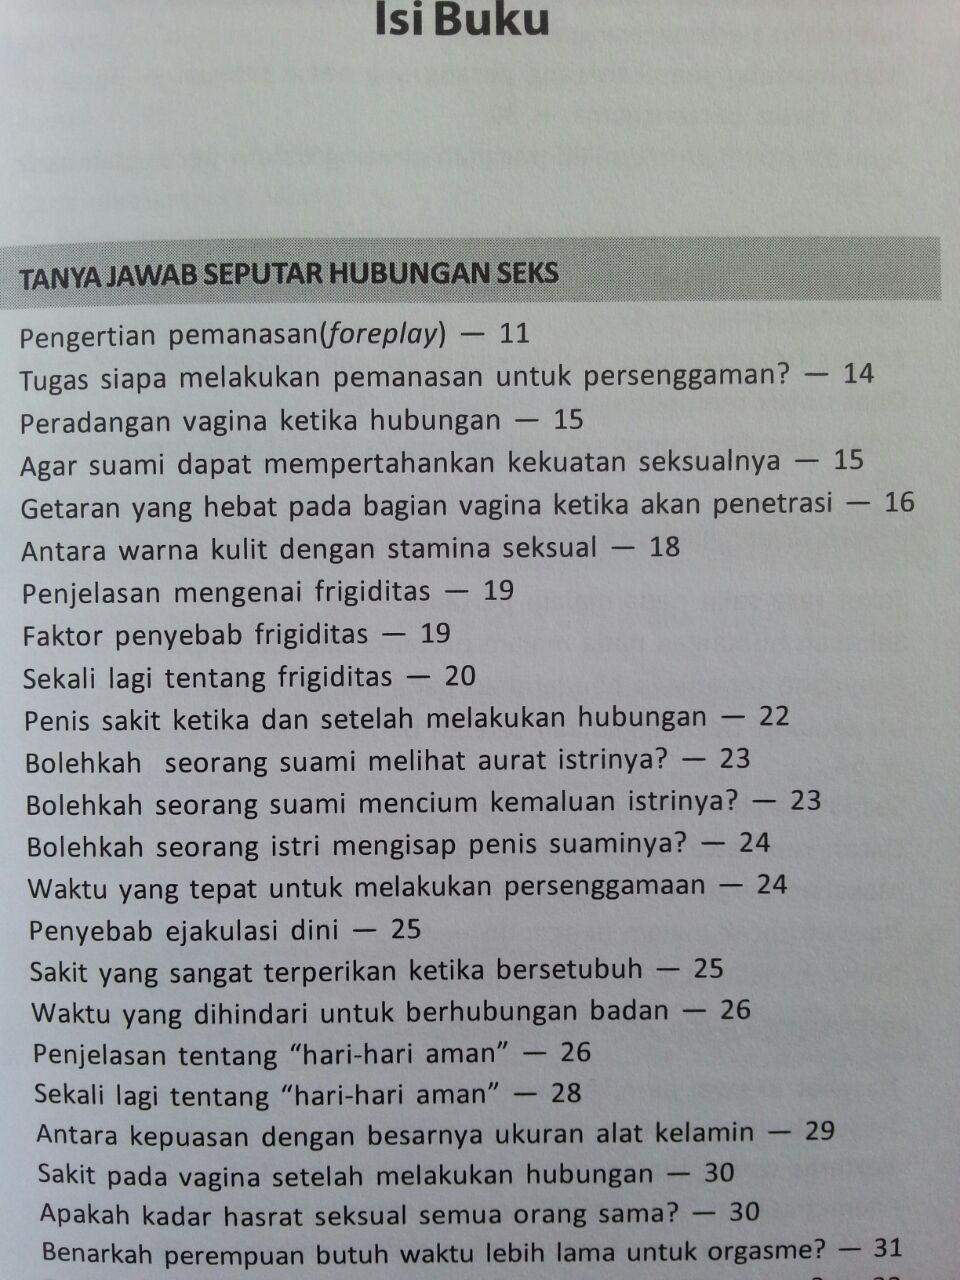 Buku Malu Bertanya Sesat Di Ranjang 150 Problem Sering Terjadi isi 2